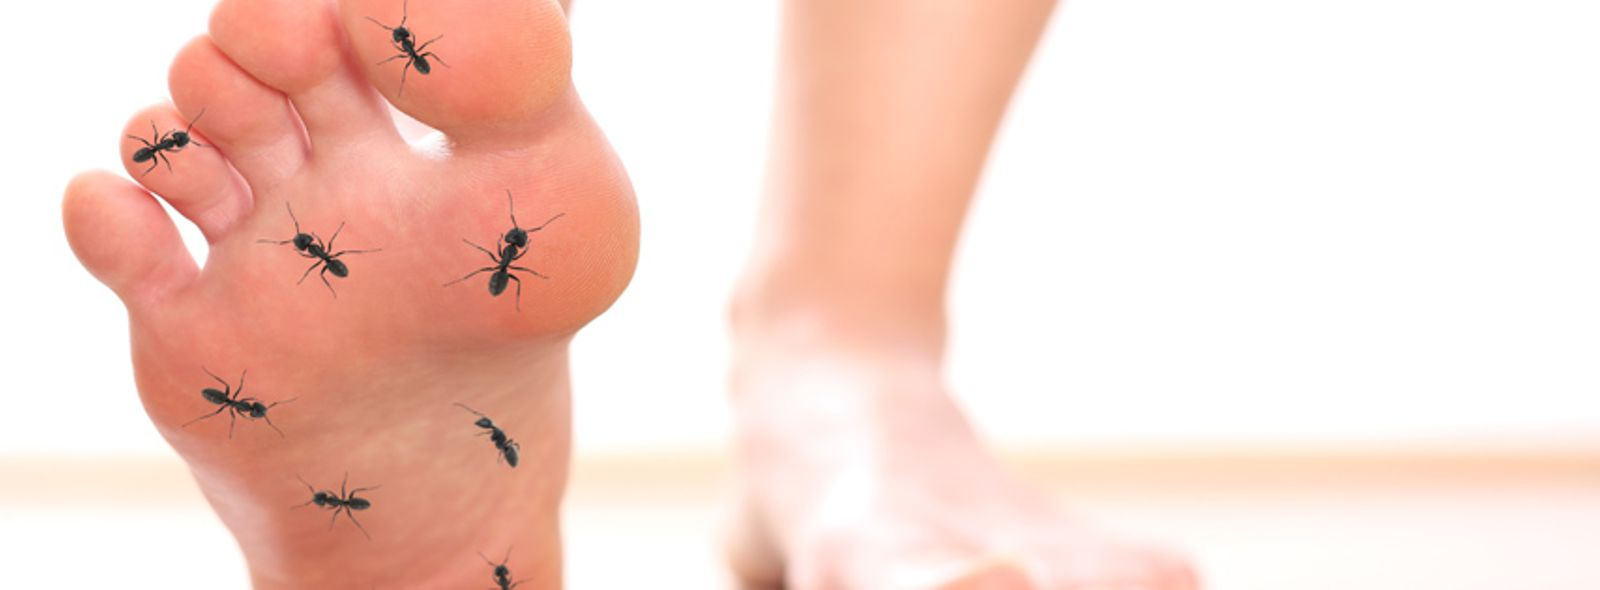 Formicolio piede